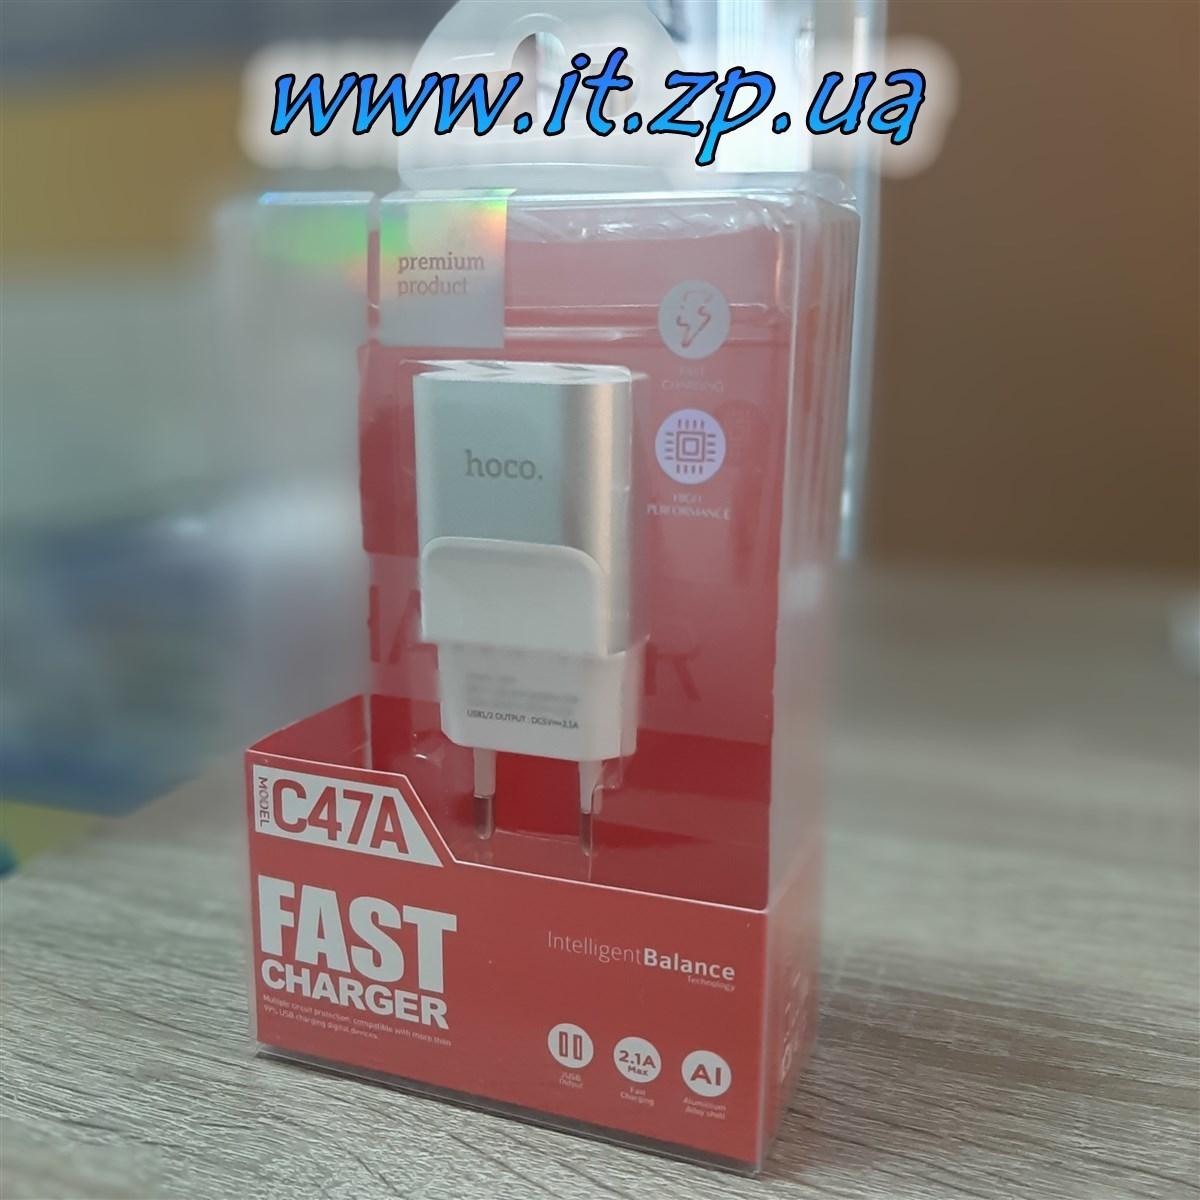 Зарядное устройство Hoco C47A